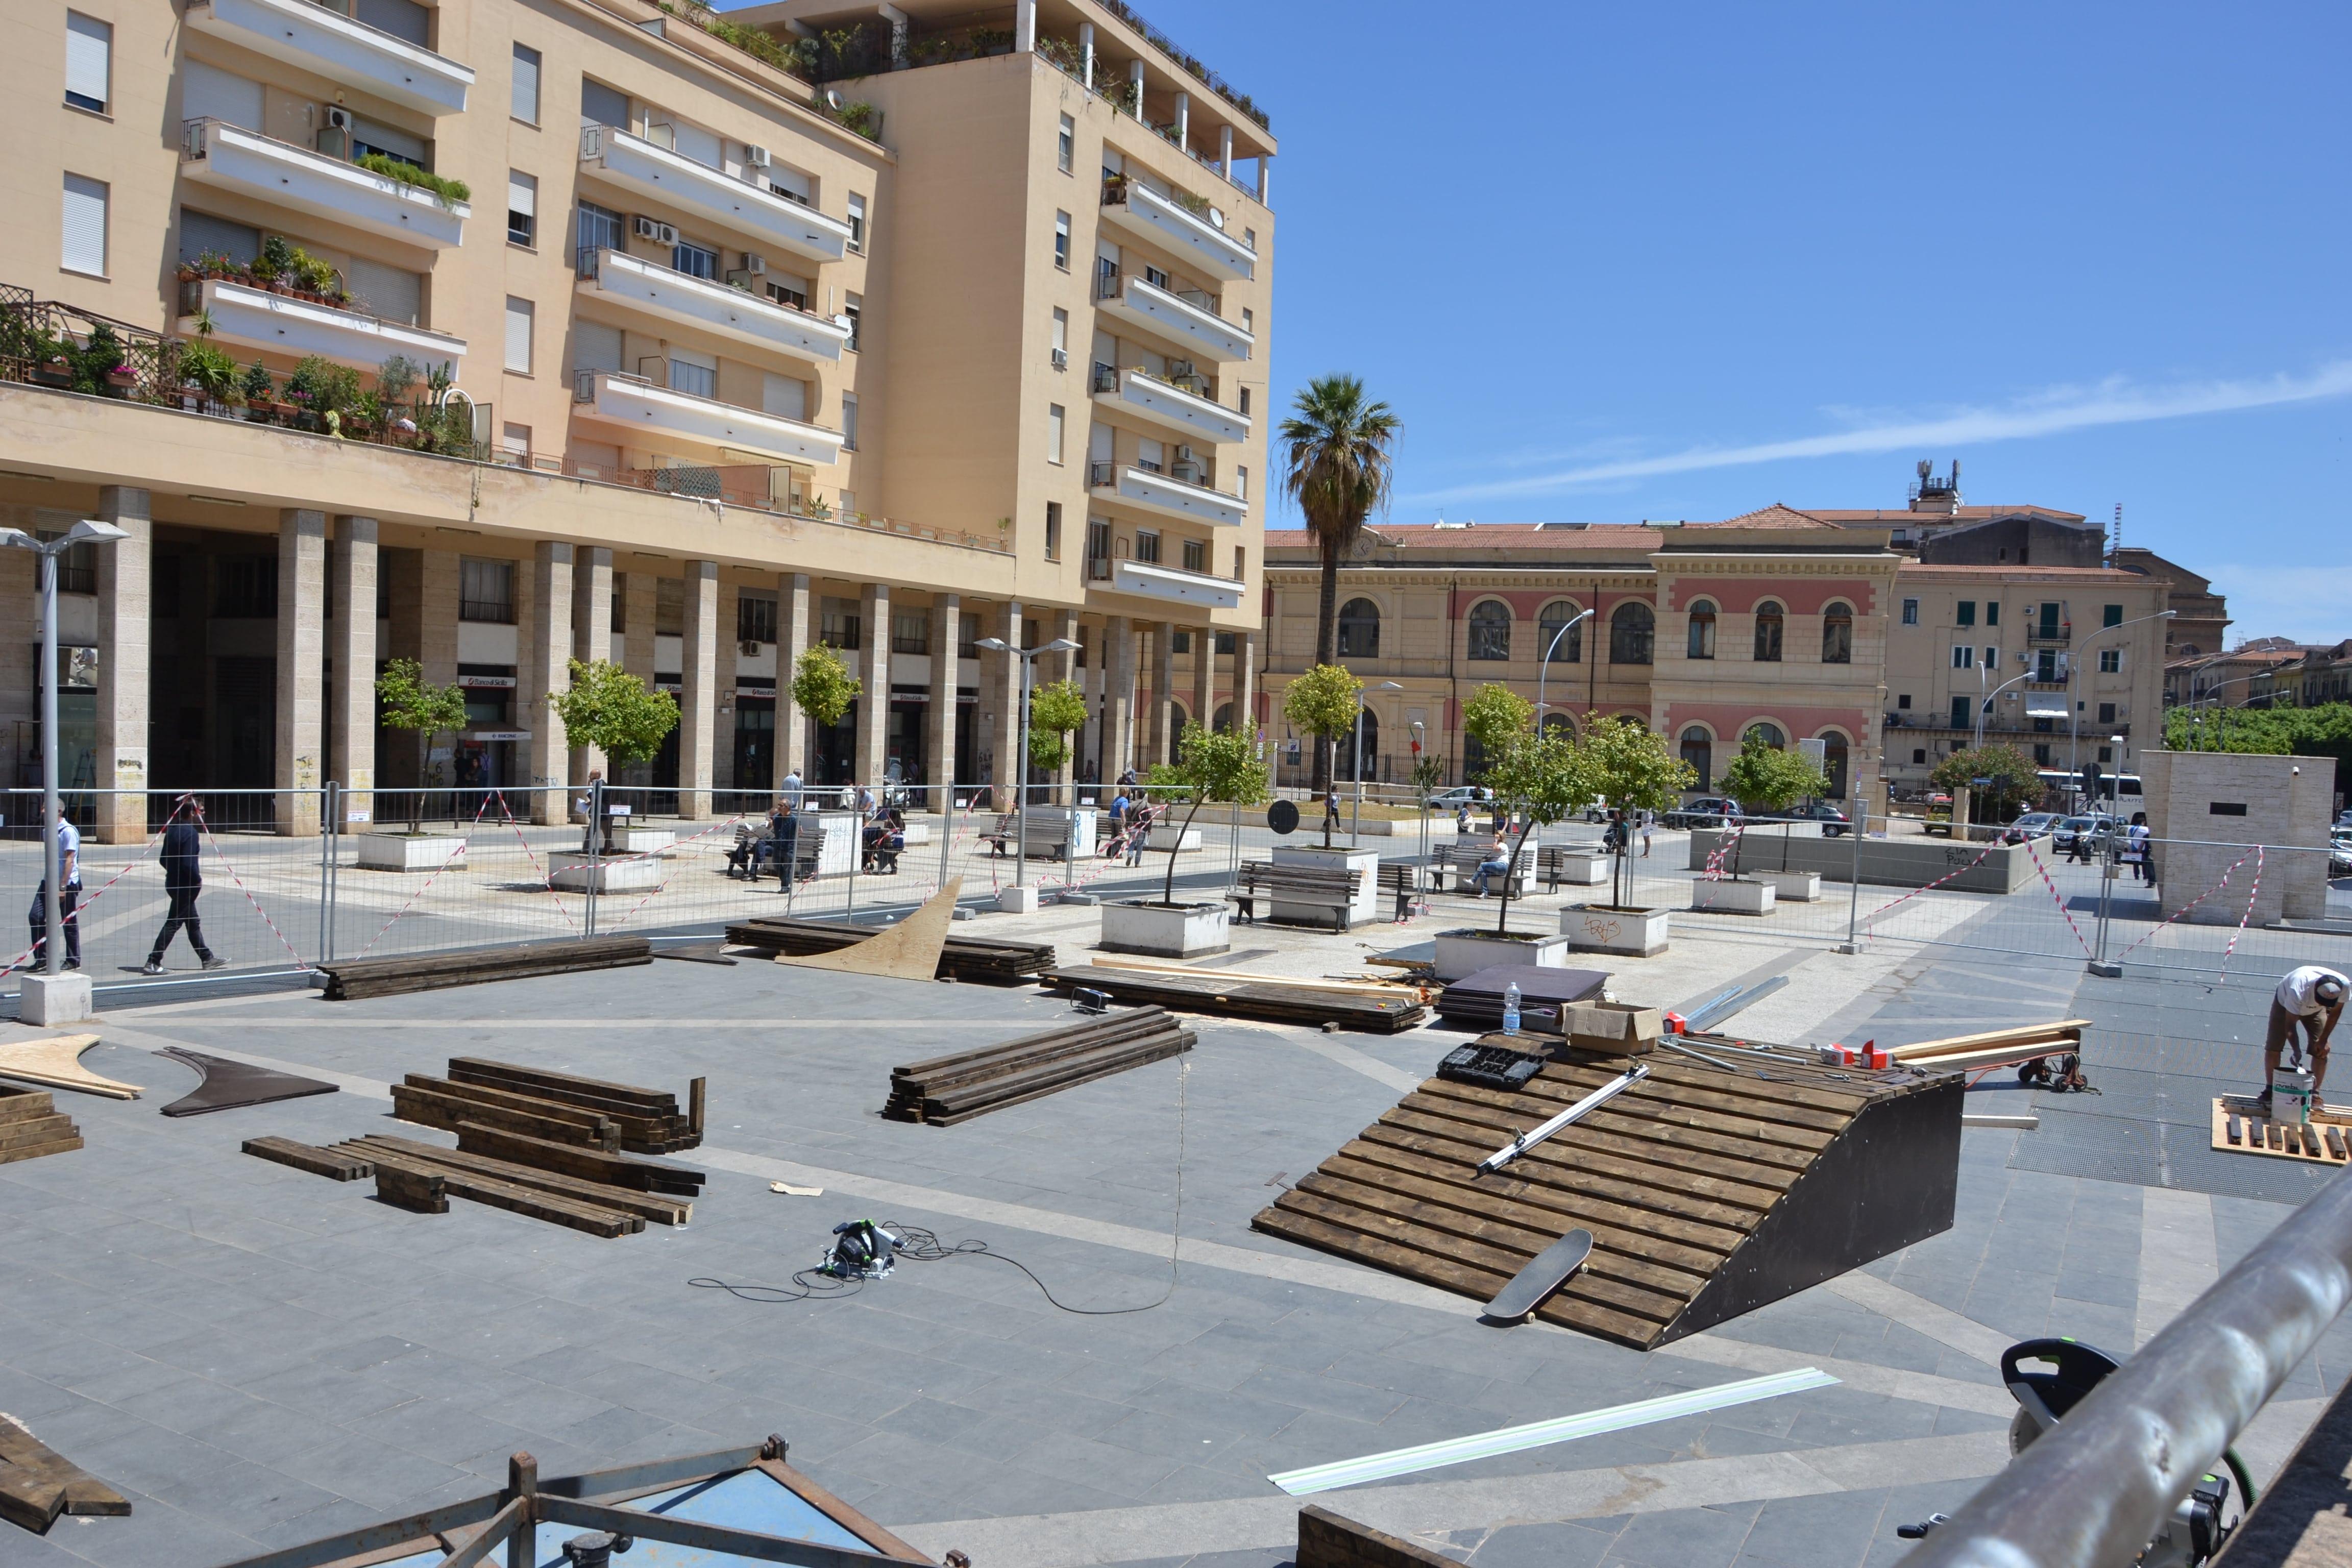 Prende forma il primo skatepark di palermo di fronte al tribunale underground blog palermo - Le finestre di fronte ...